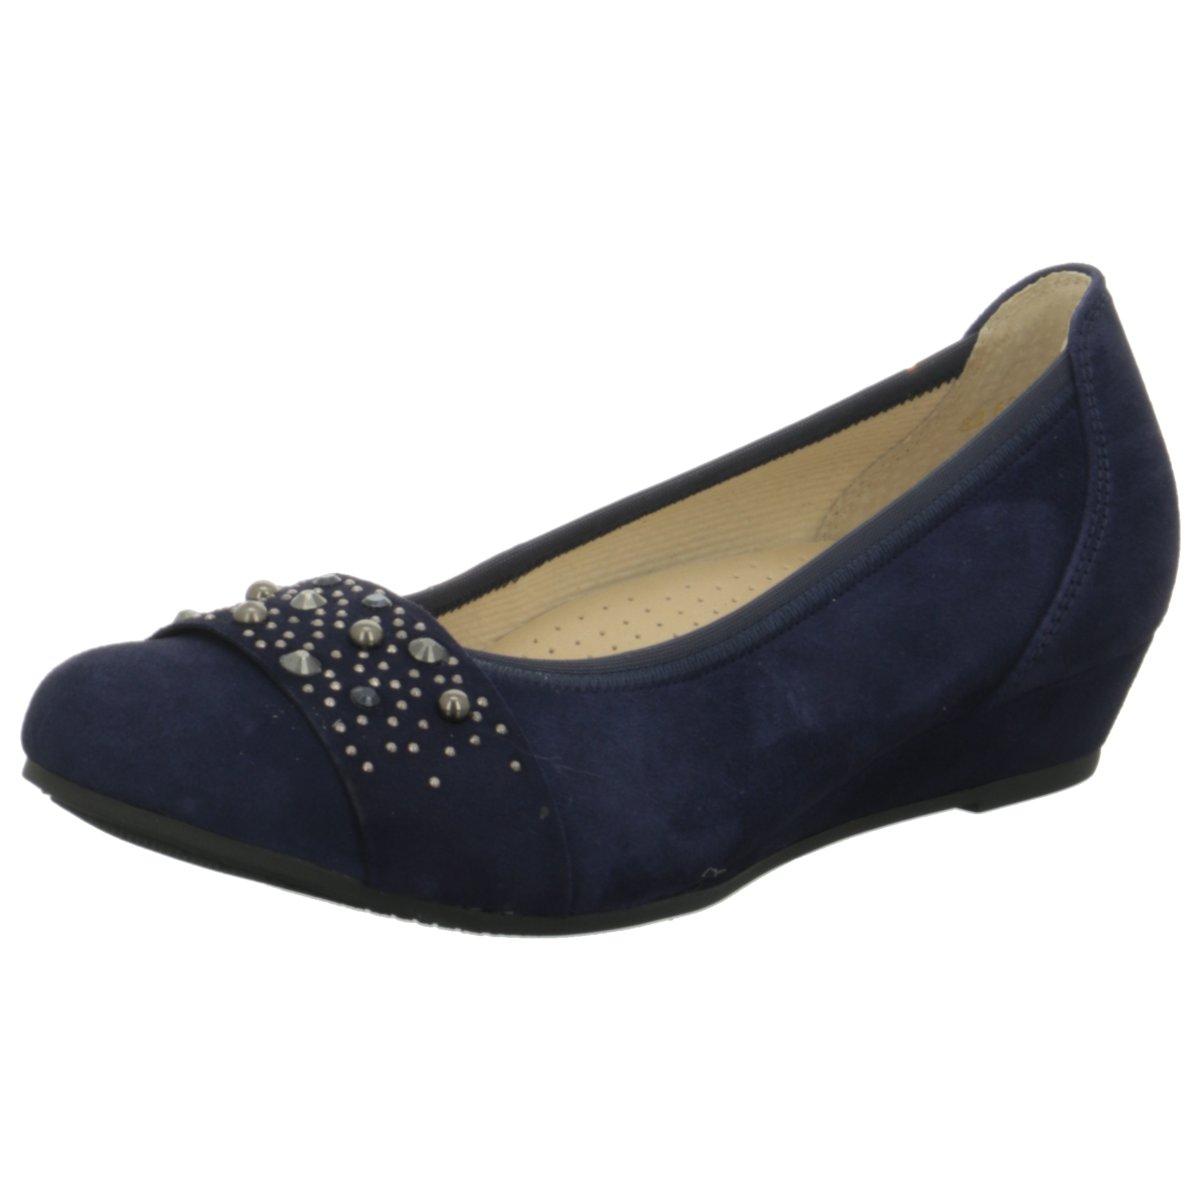 Gabor Damen Ballerinas 82.692.36 blau 406504